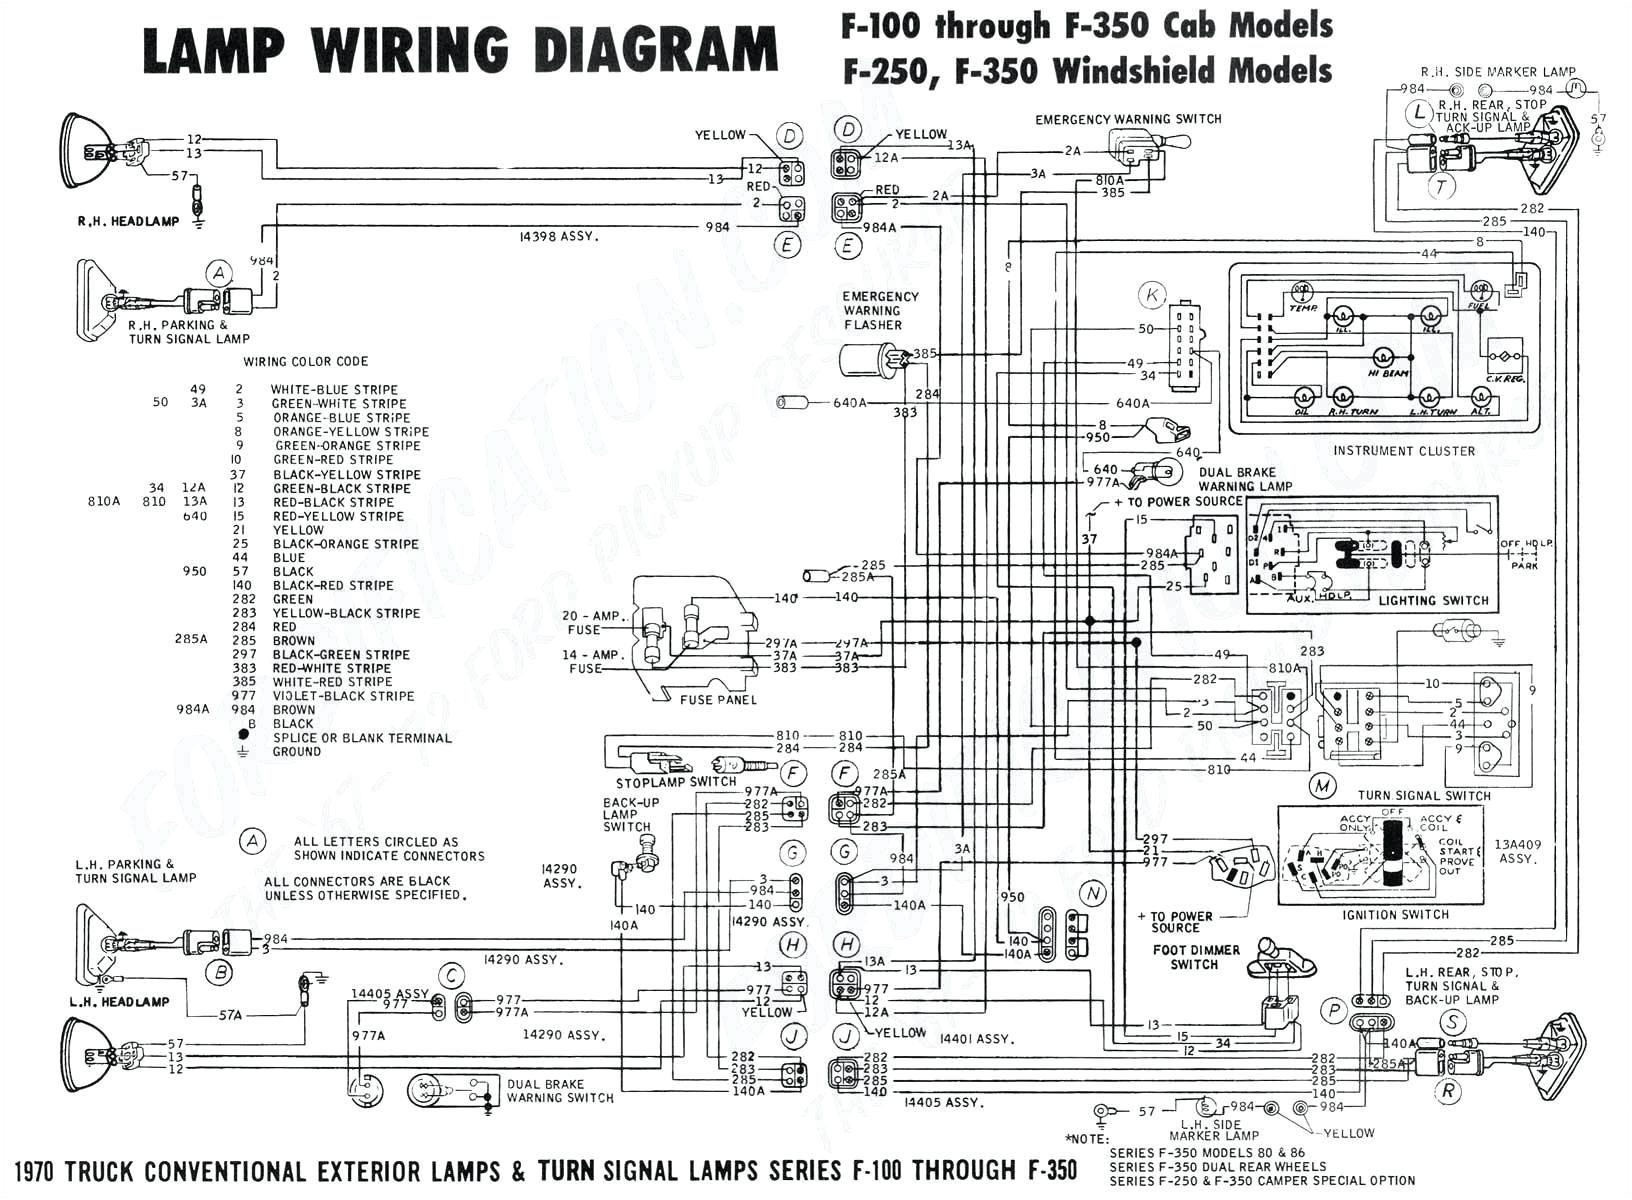 1969 ford F100 Wiring Diagram 1969 ford F100 Fuse Box Wiring Diagram